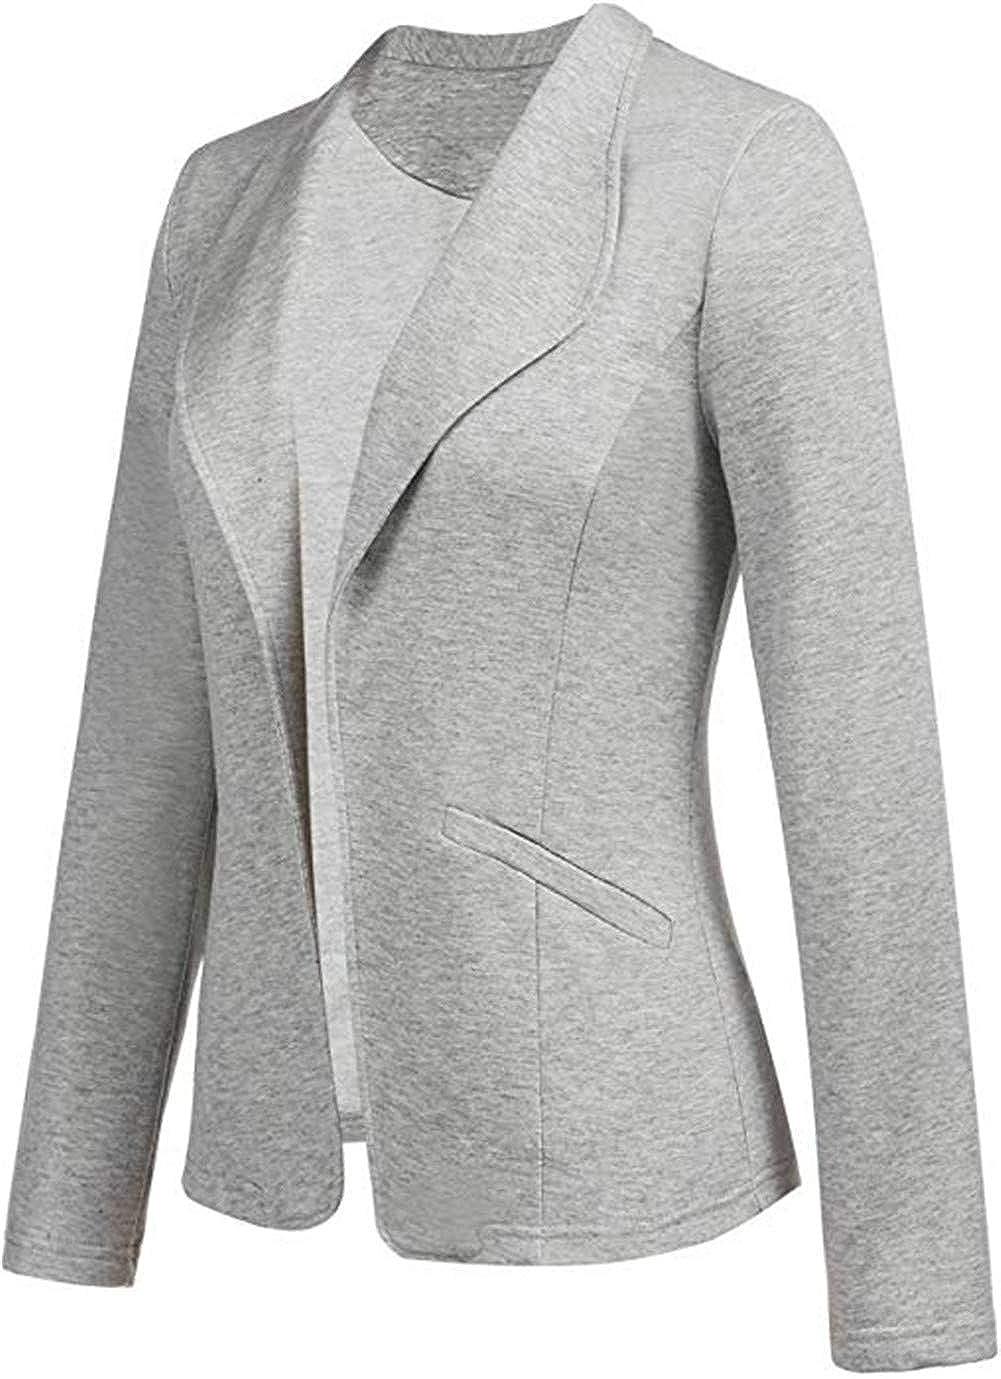 GODGETS Donna Manica a 3//4 Aperto Davanti Colletto Cappotto Elegante Ufficio Business Blazer Top Gilet Corto OL Giacca da Abito Cardigan